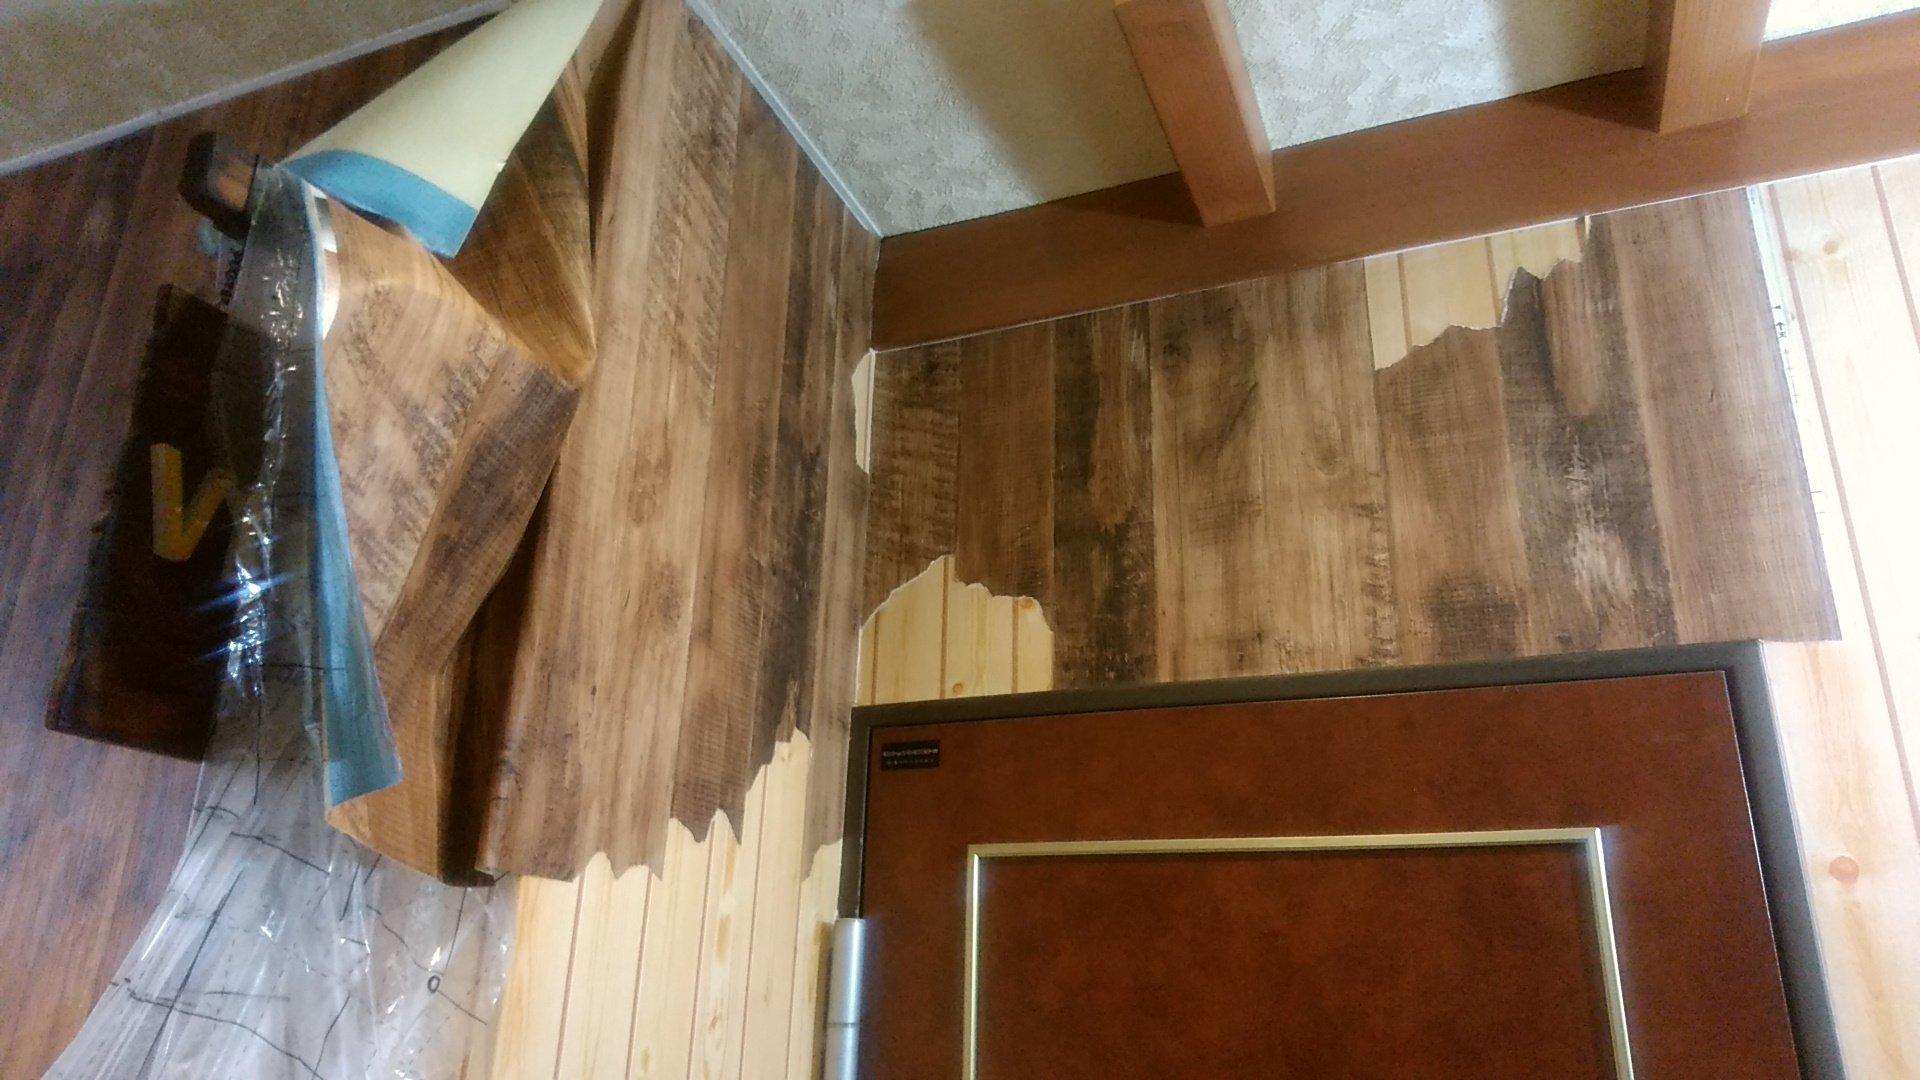 Aine Inn Astoria 木目の壁紙を割れてるように破りなが貼って ๑ ڡ ๑